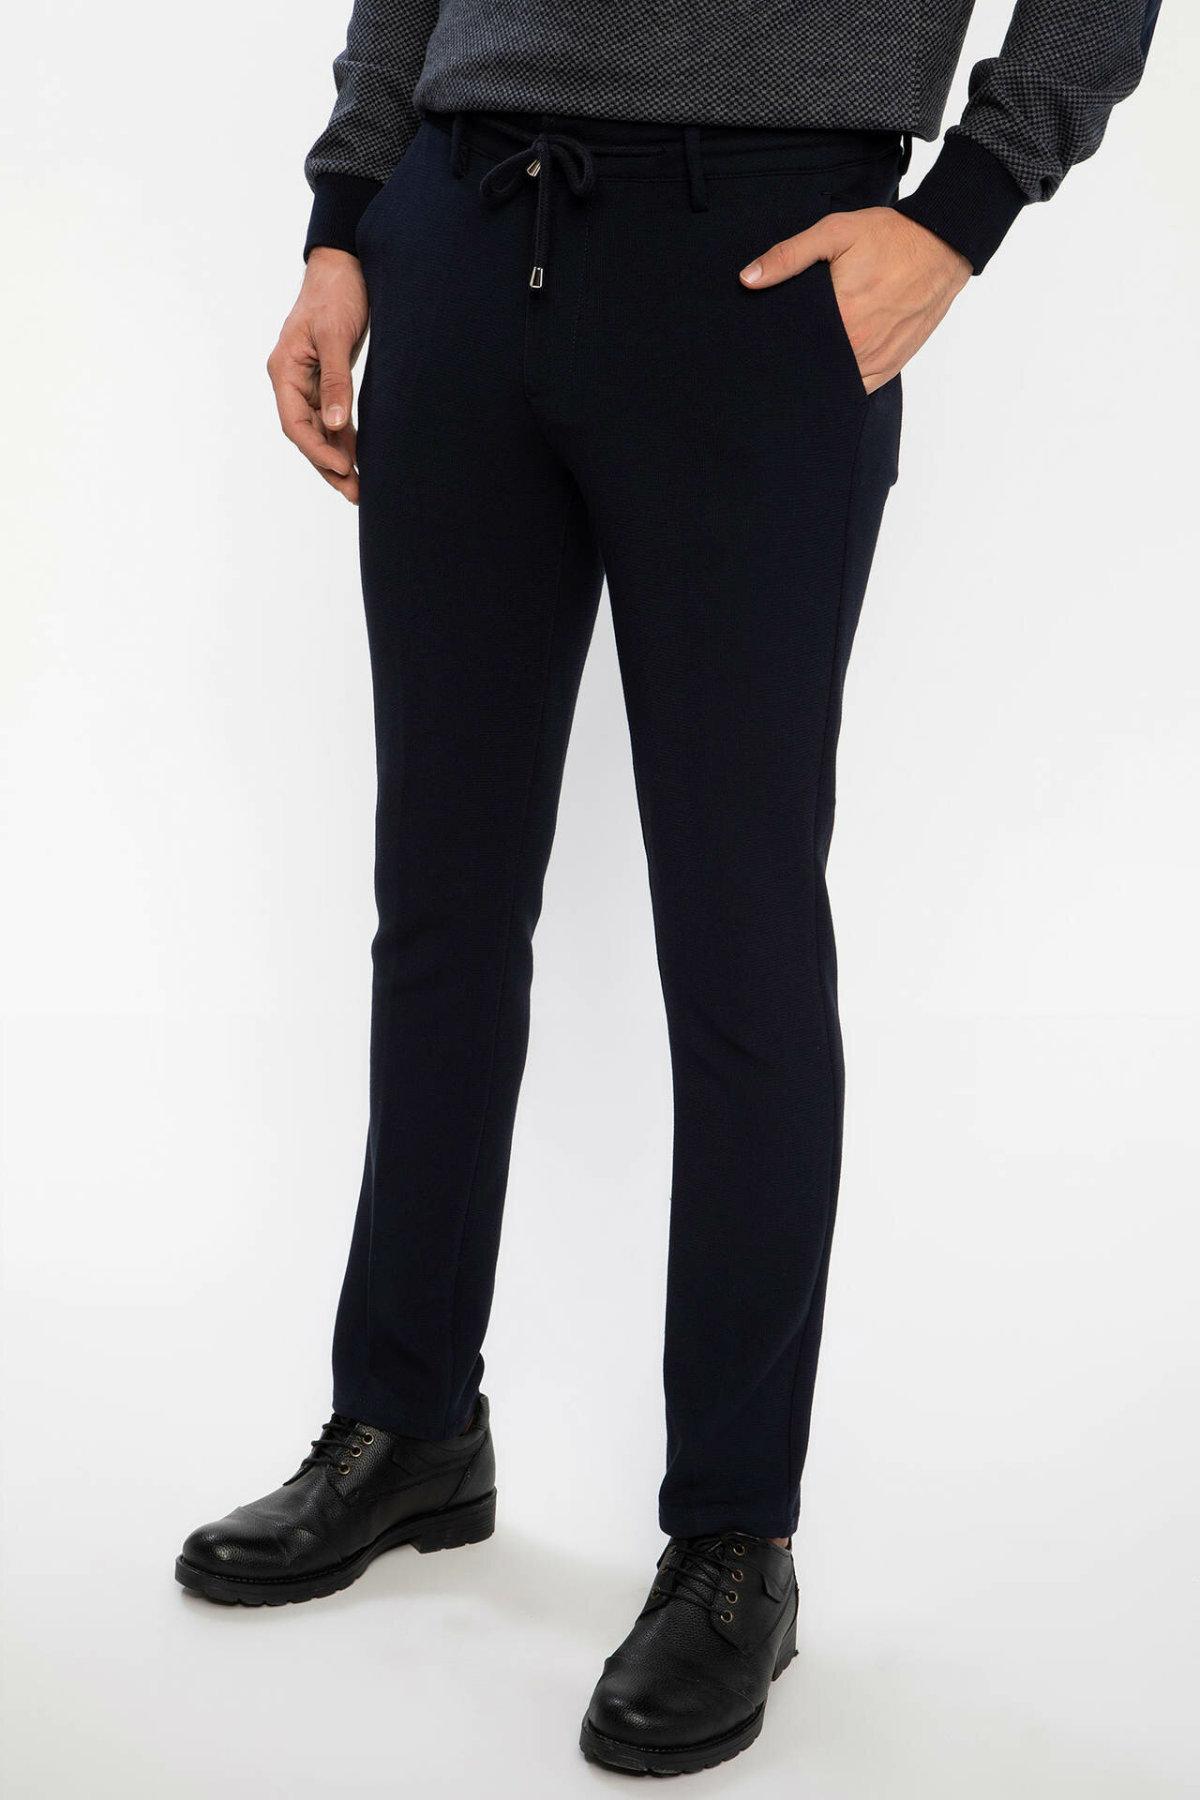 DeFacto All Match Mens Smart Casual Black Pants Adjustable Black Fit Long Pants Trousers-J0917AZ18AU-J0917AZ18AU